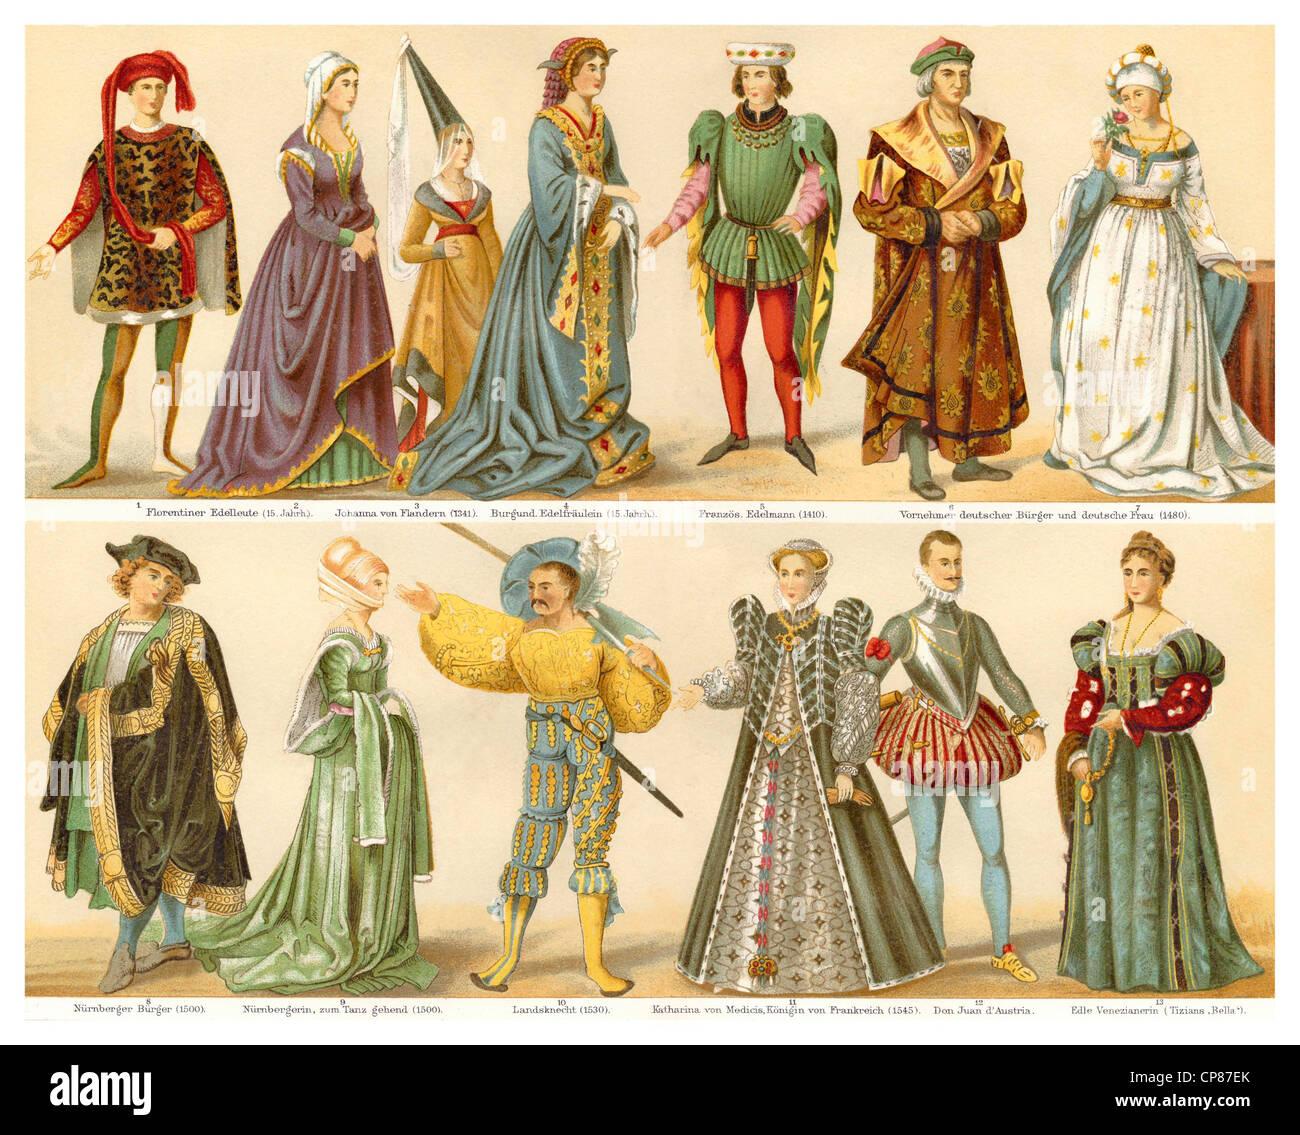 Kostüme, Mode, Bekleidung, 15. und 16. Jahrhundert, Historische, Zeichnerische Darstellung, 19. Halbmonatsschrift, Stockbild